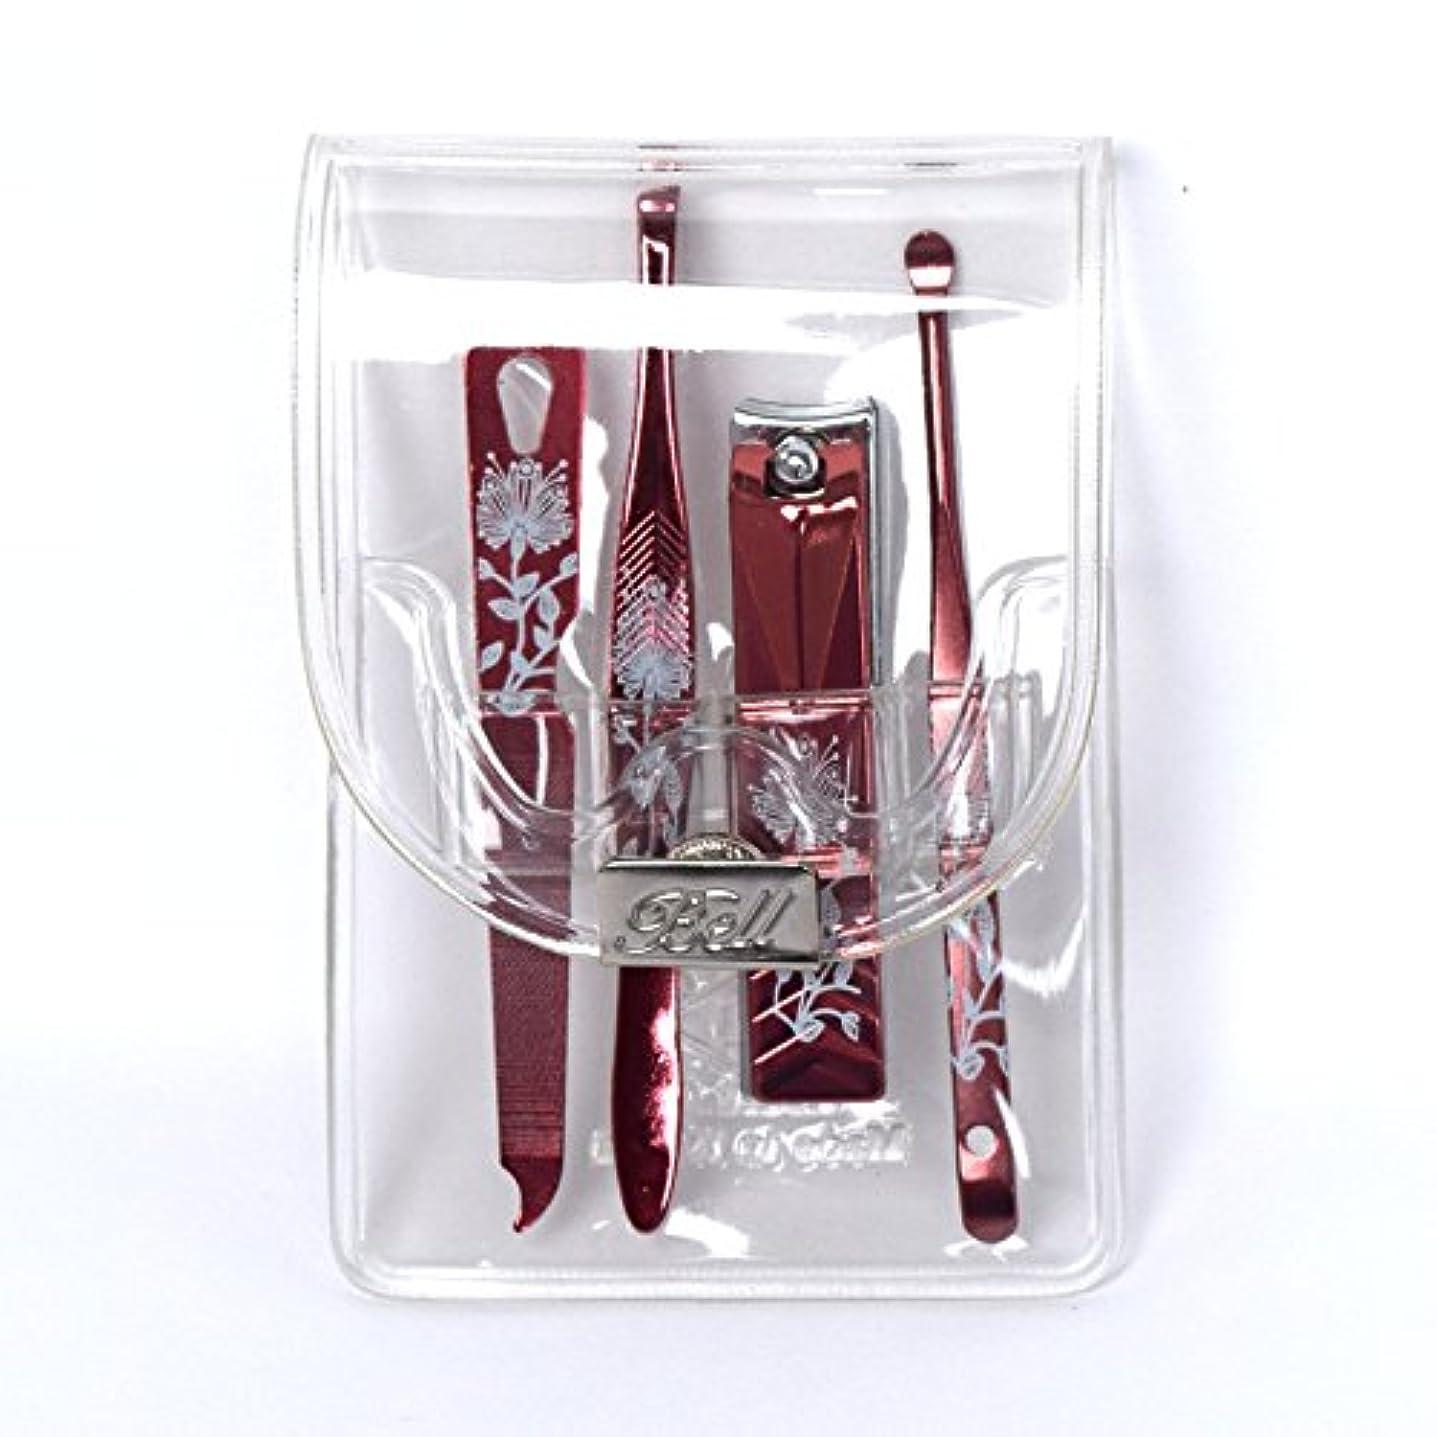 書店火傷トーストBELL Manicure Sets BM-991C ポータブル爪ケアセットトラベル爪切りセットステンレス鋼の失速構成透明高周波ケースPortable Nail Clippers Nail Care Set